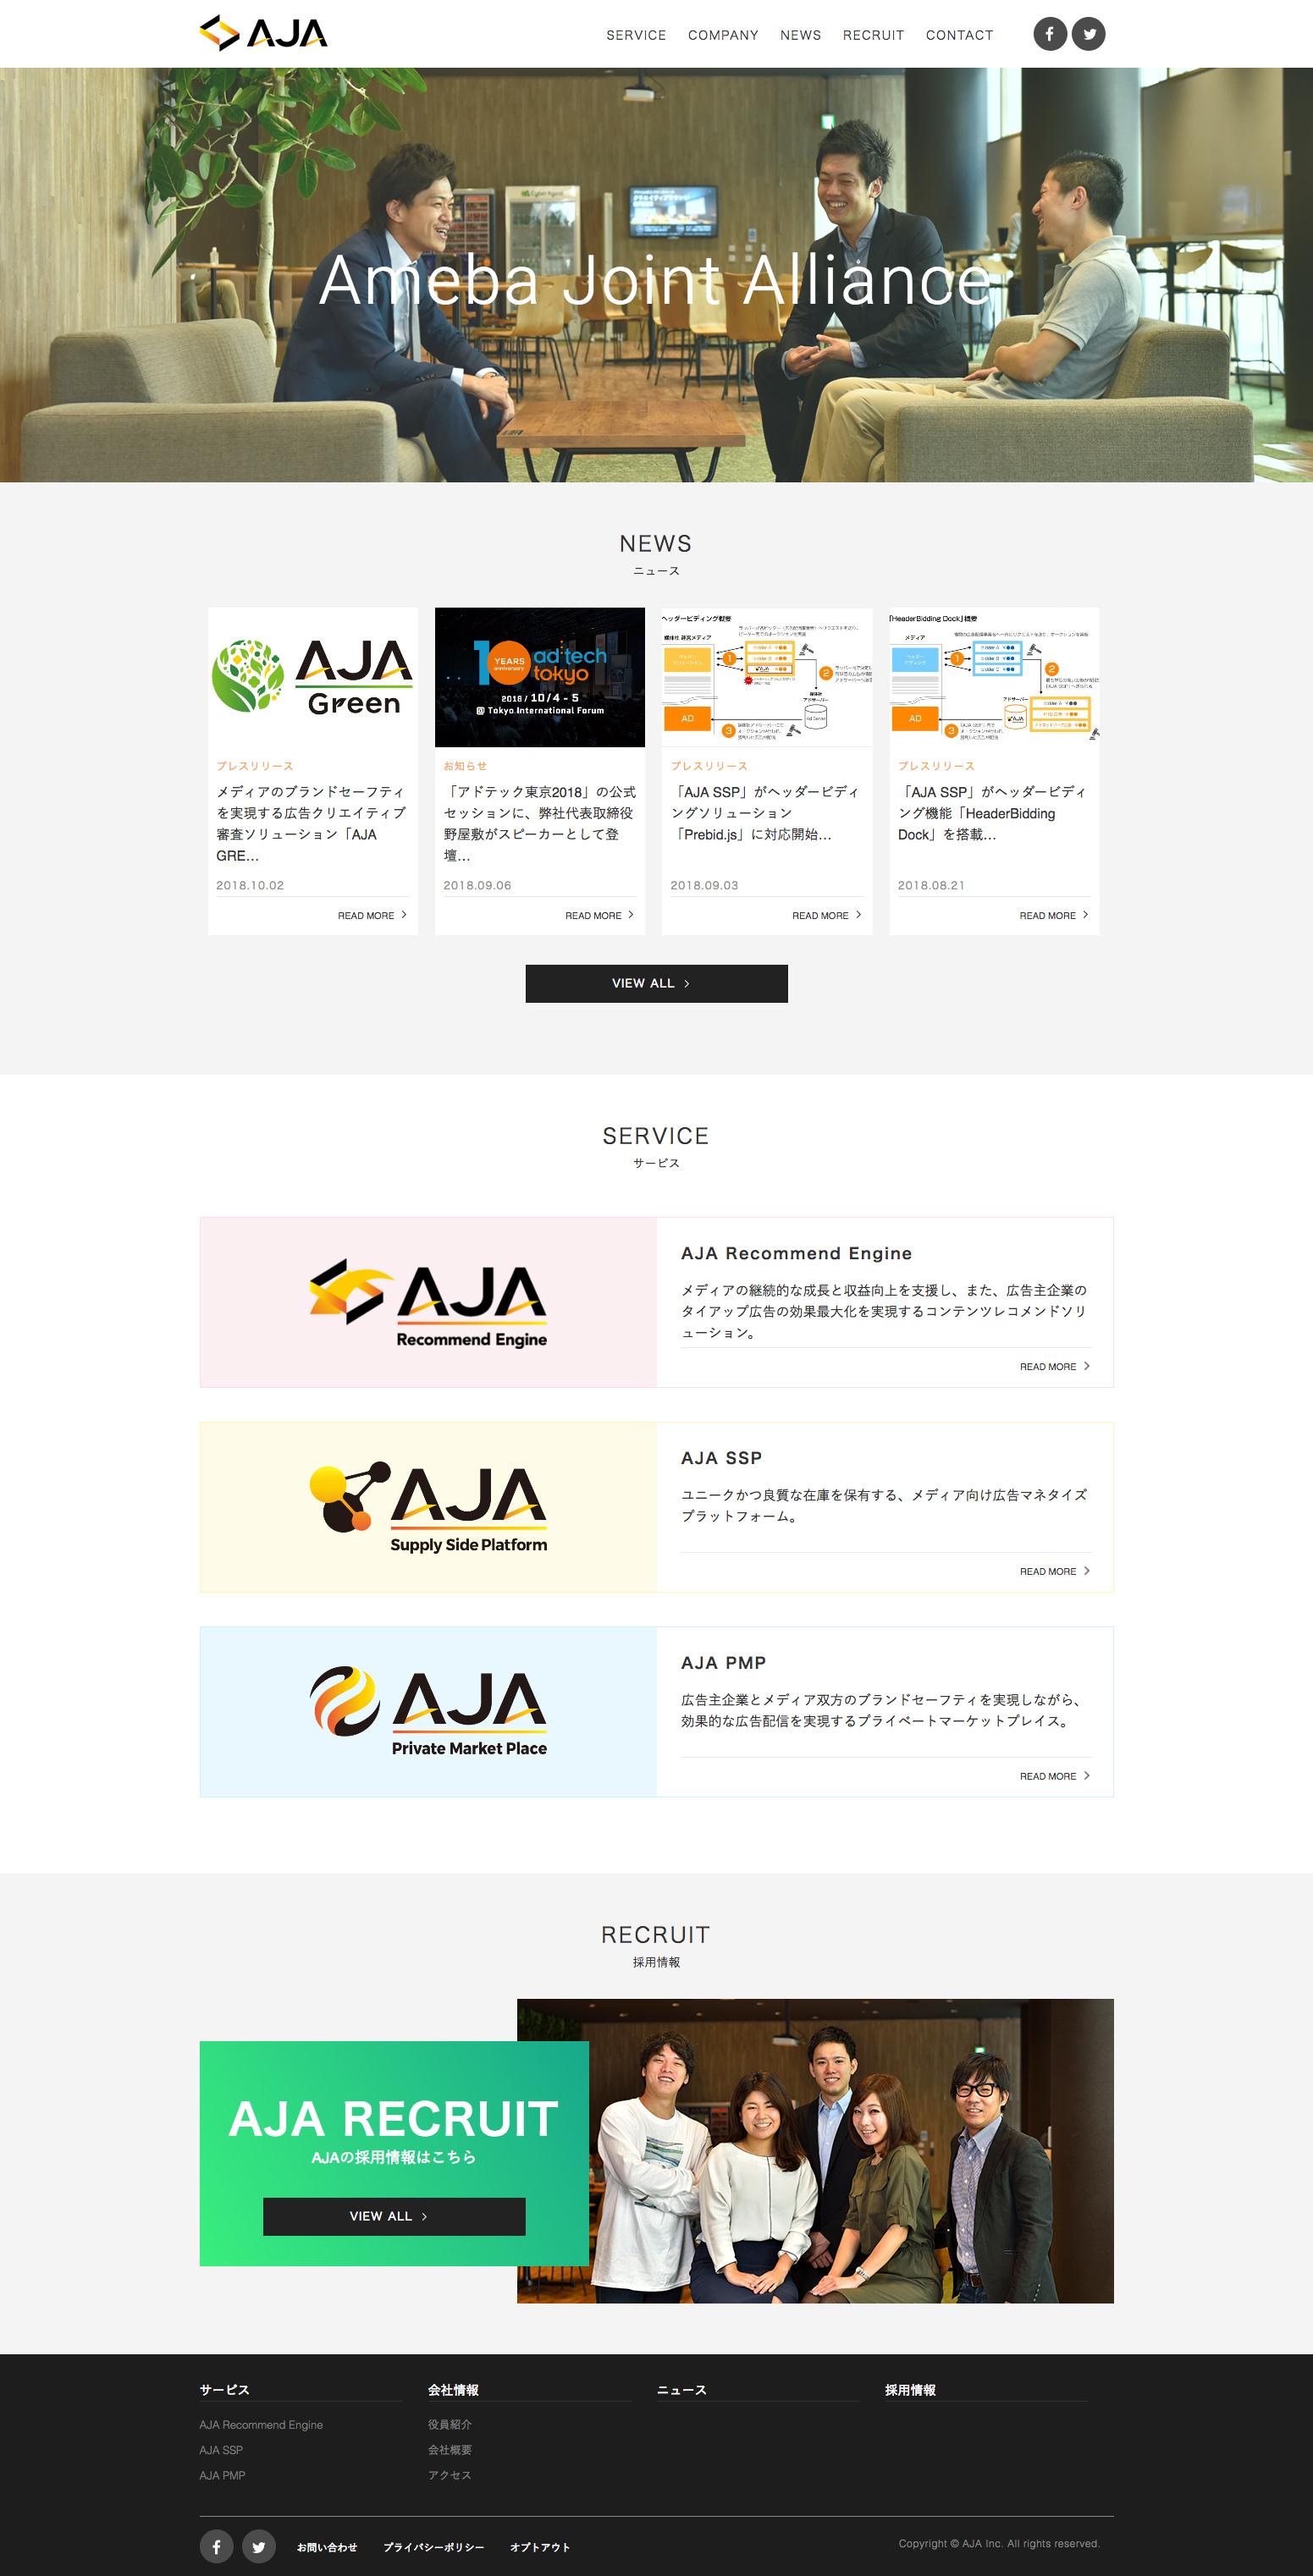 株式会社AJA